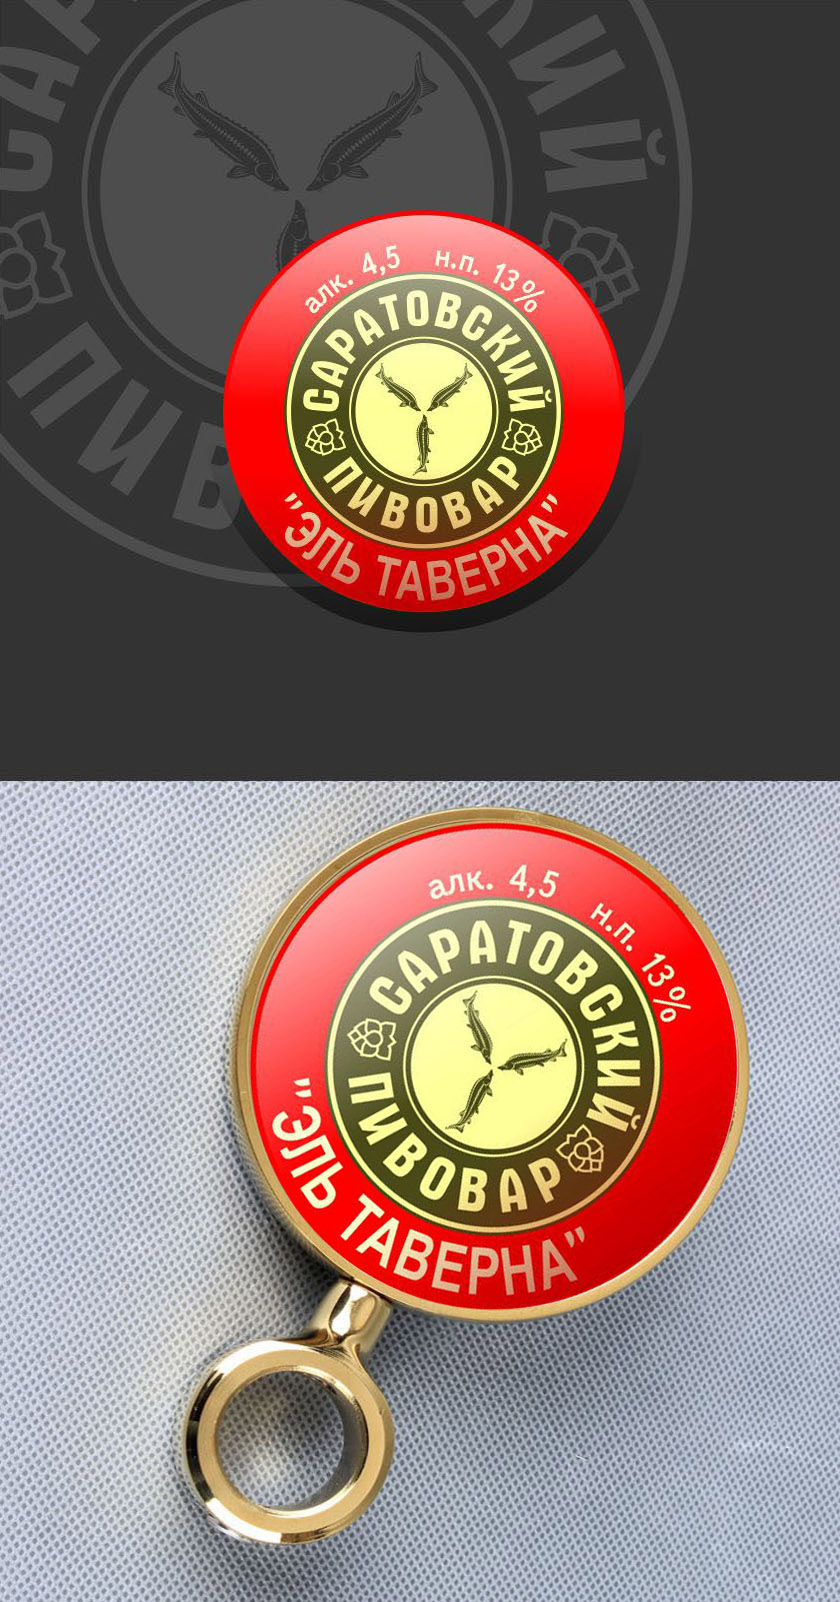 Разработка логотипа для частной пивоварни фото f_1255d795ee2d1916.jpg